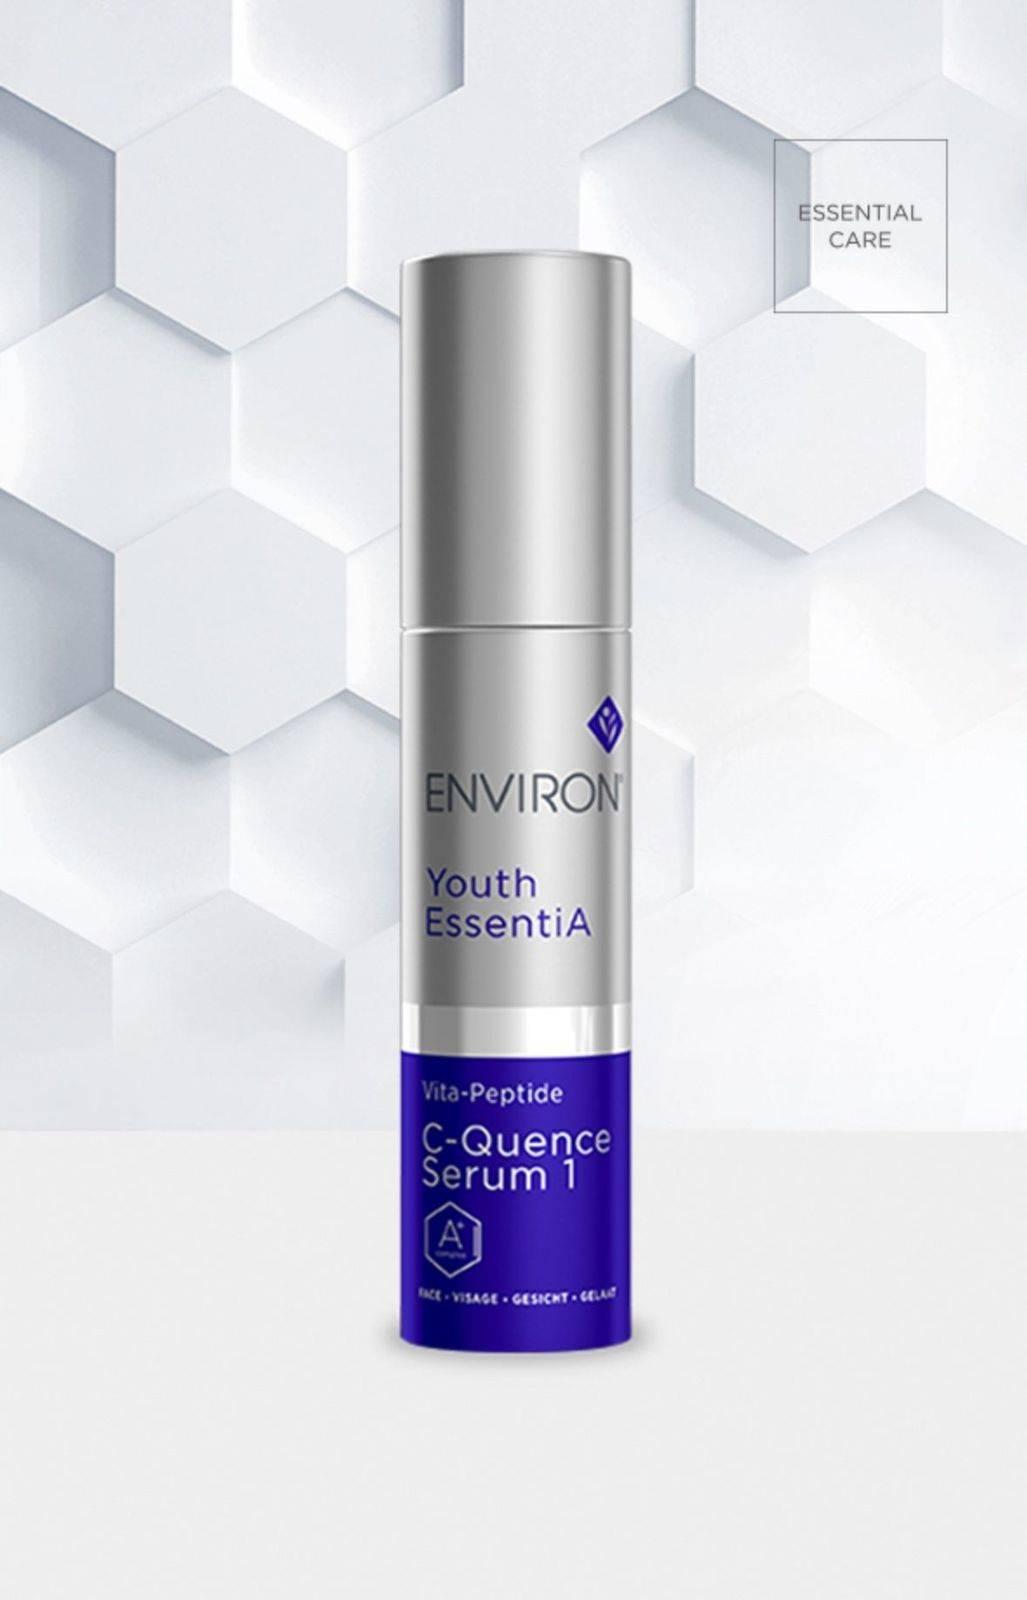 Youth EssentiA Vita-Peptide C-Quence Serum 1